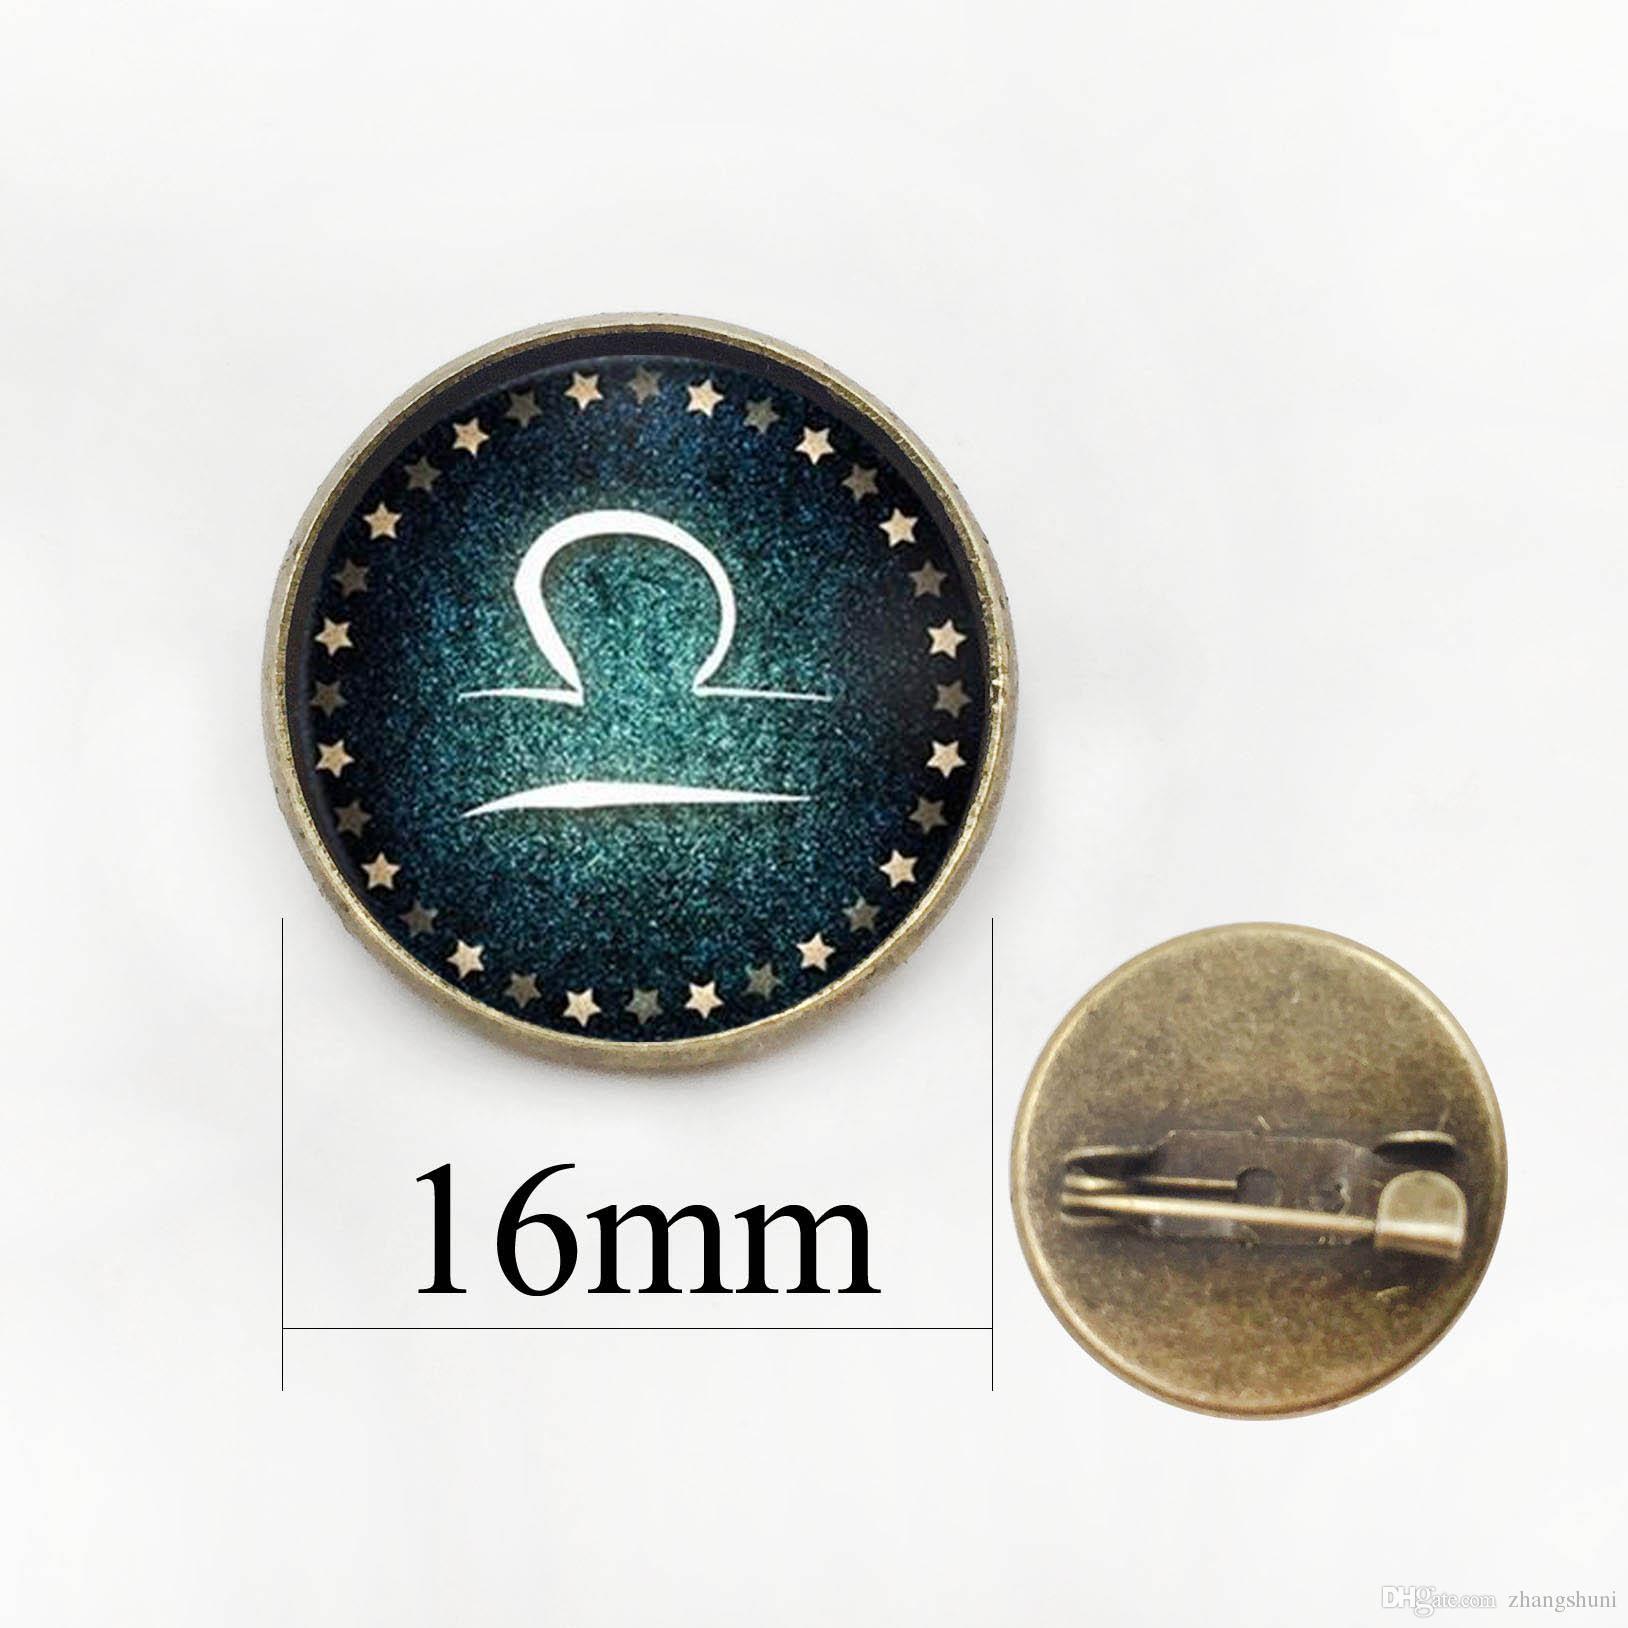 Áries Capricórnio Touro Leão Aquarius Libra Pin Broche 12 constelação De Vidro Padrão de RoupasBolsas Emblema Broche Jóias